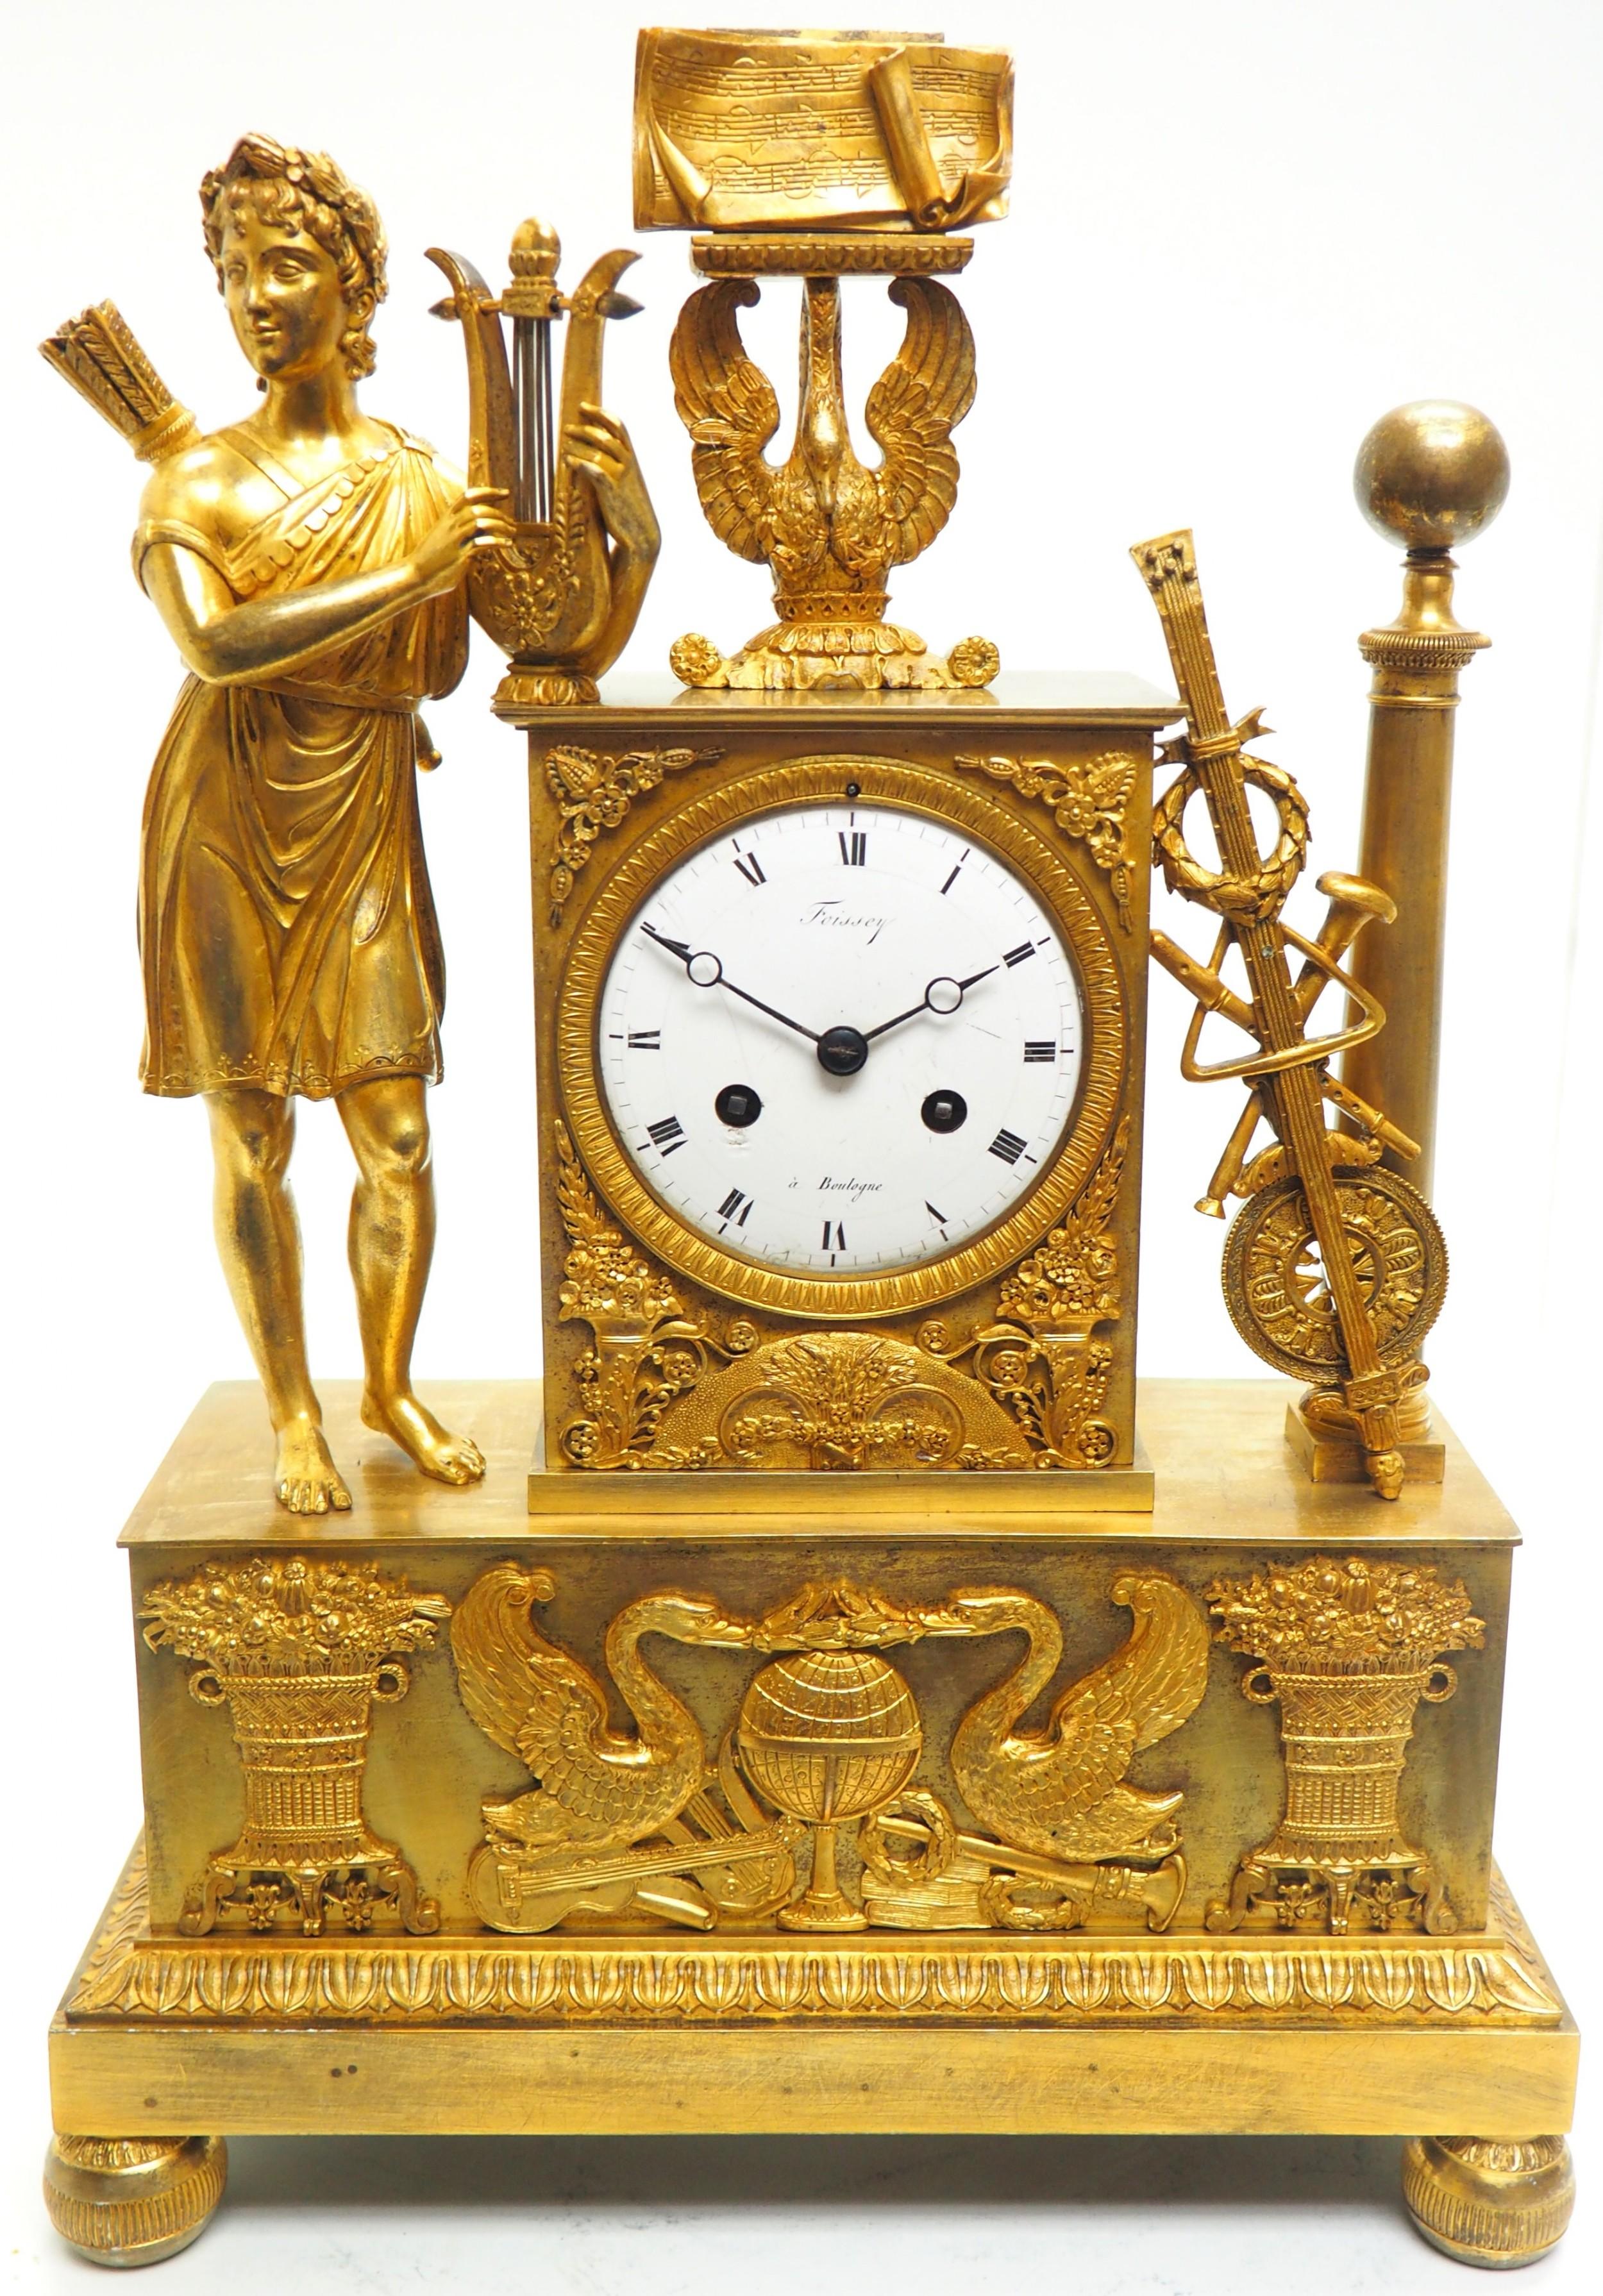 fine french empire mantel clock sought solid bronze ormolu case